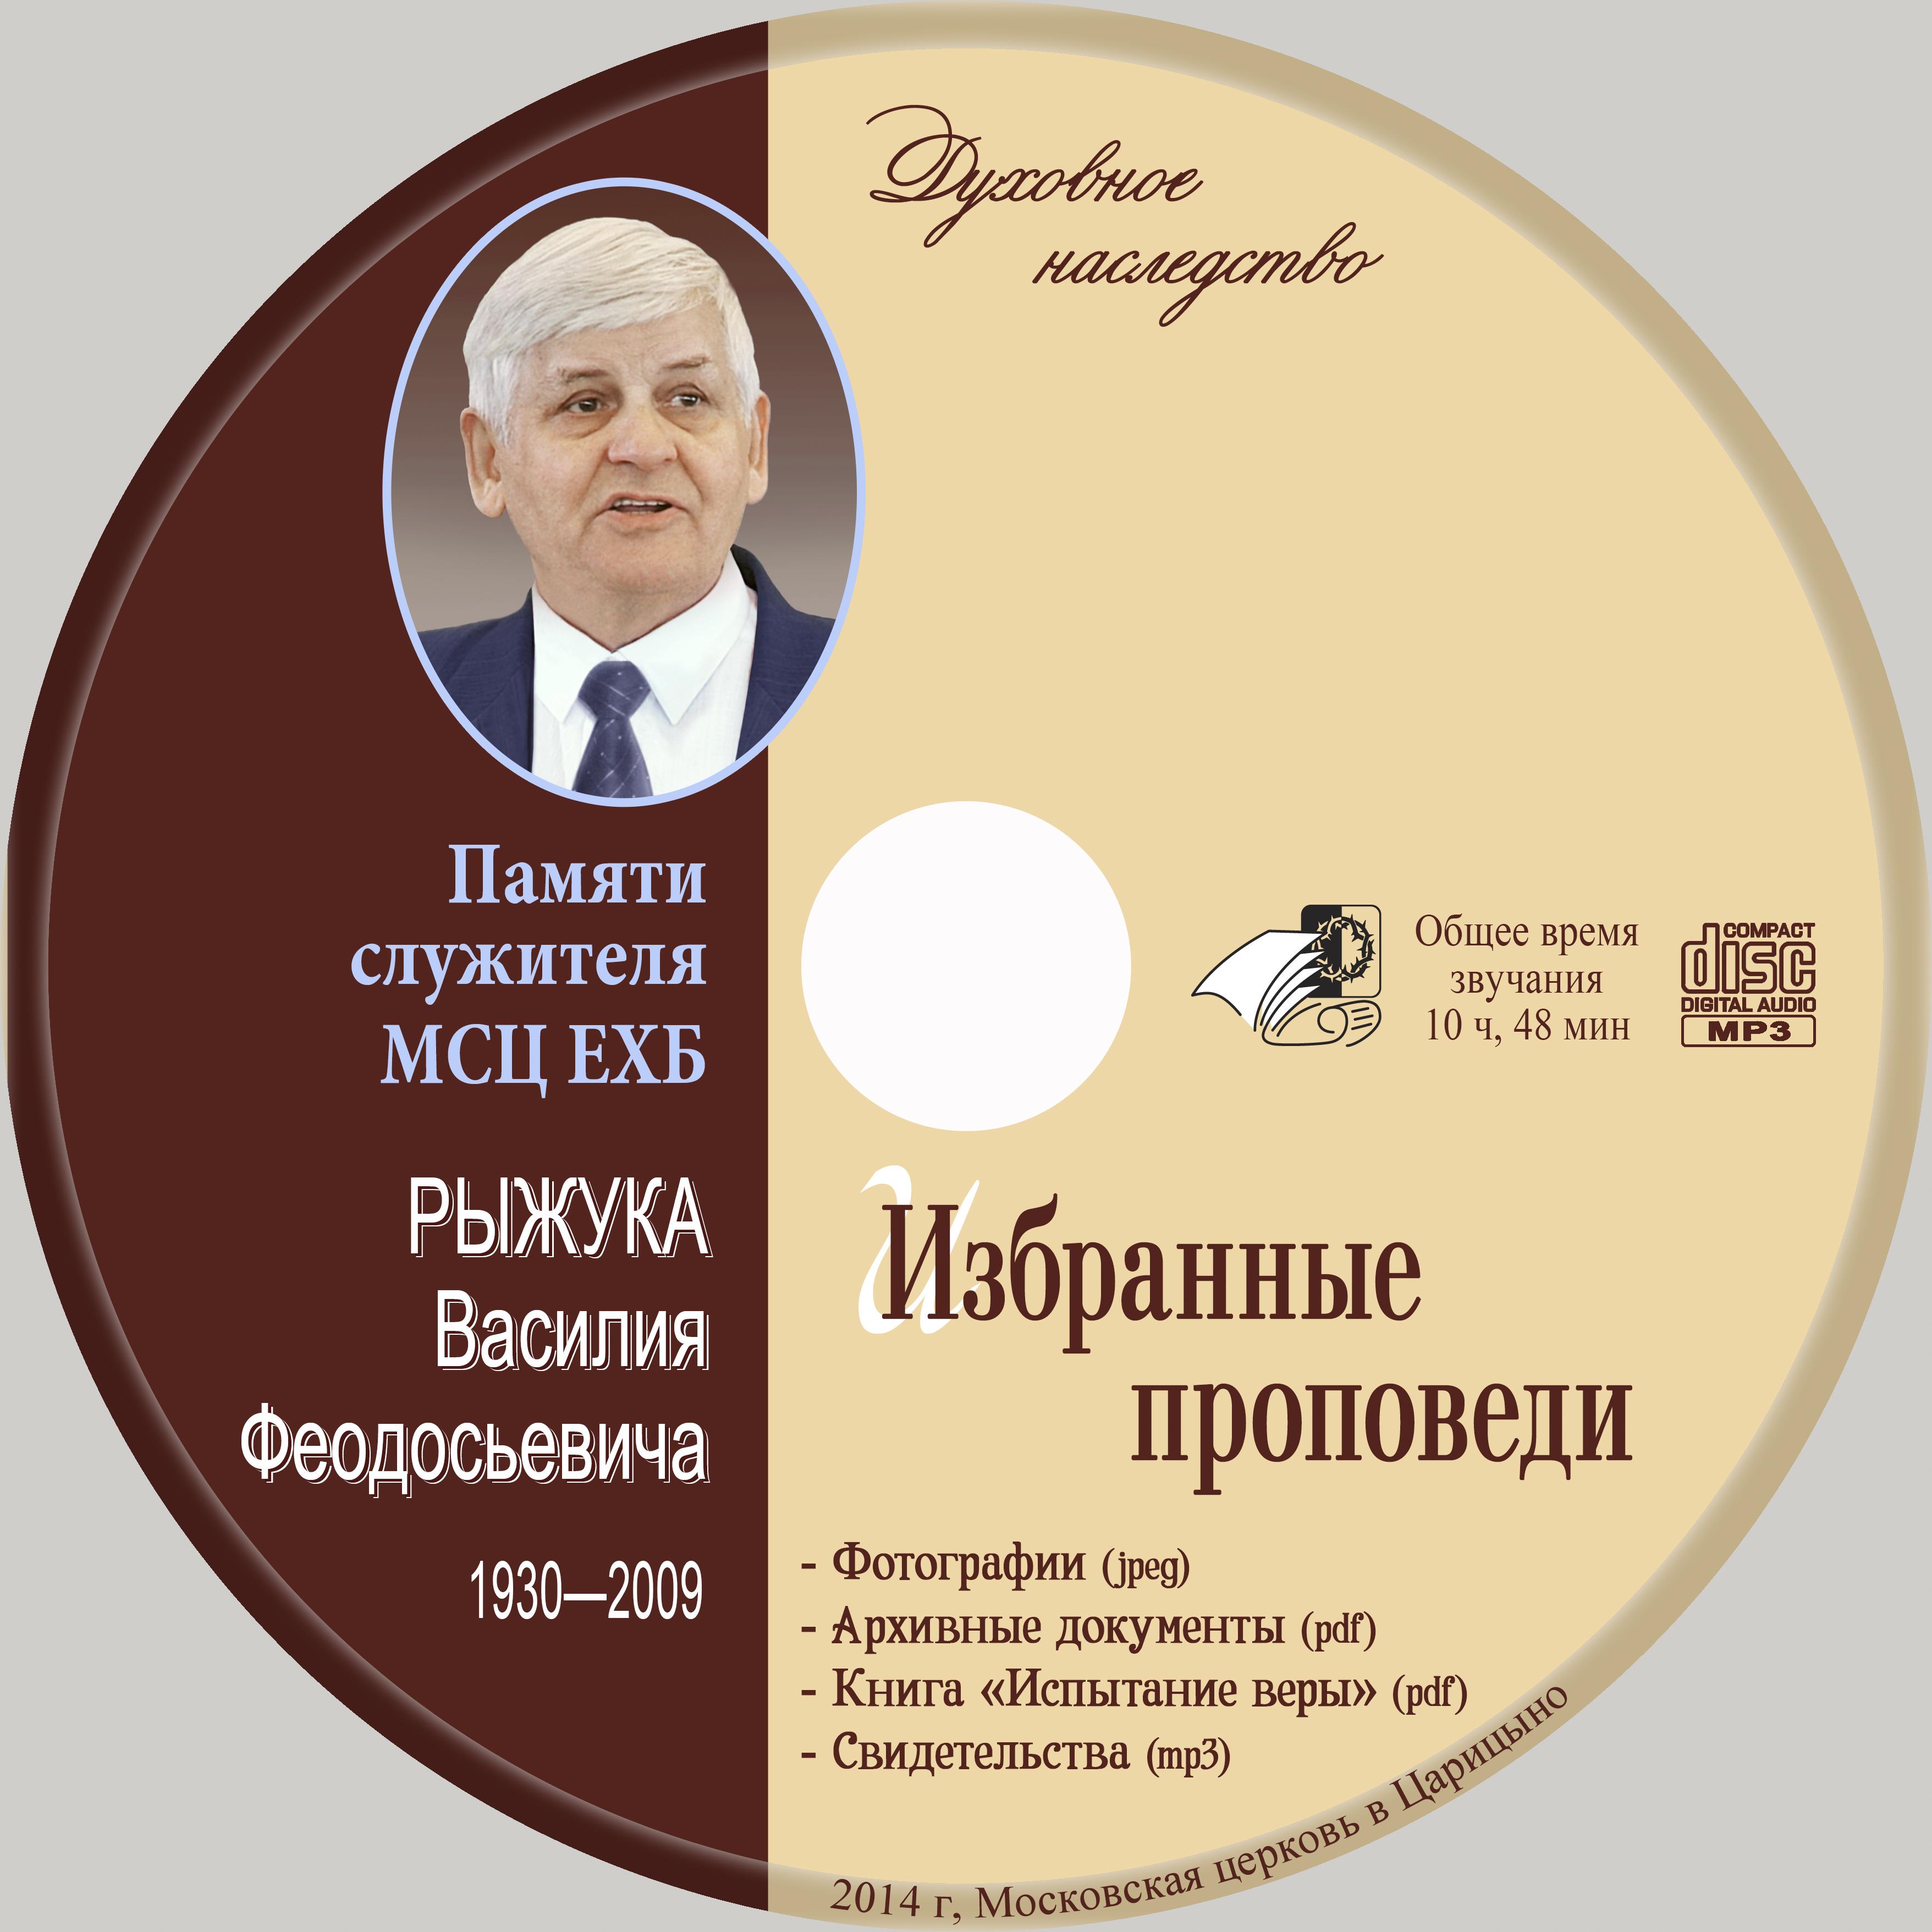 Памяти служителя МСЦ ЕХБ Рыжука Василия Феодосьевича (1930-2009). Избранные проповеди.